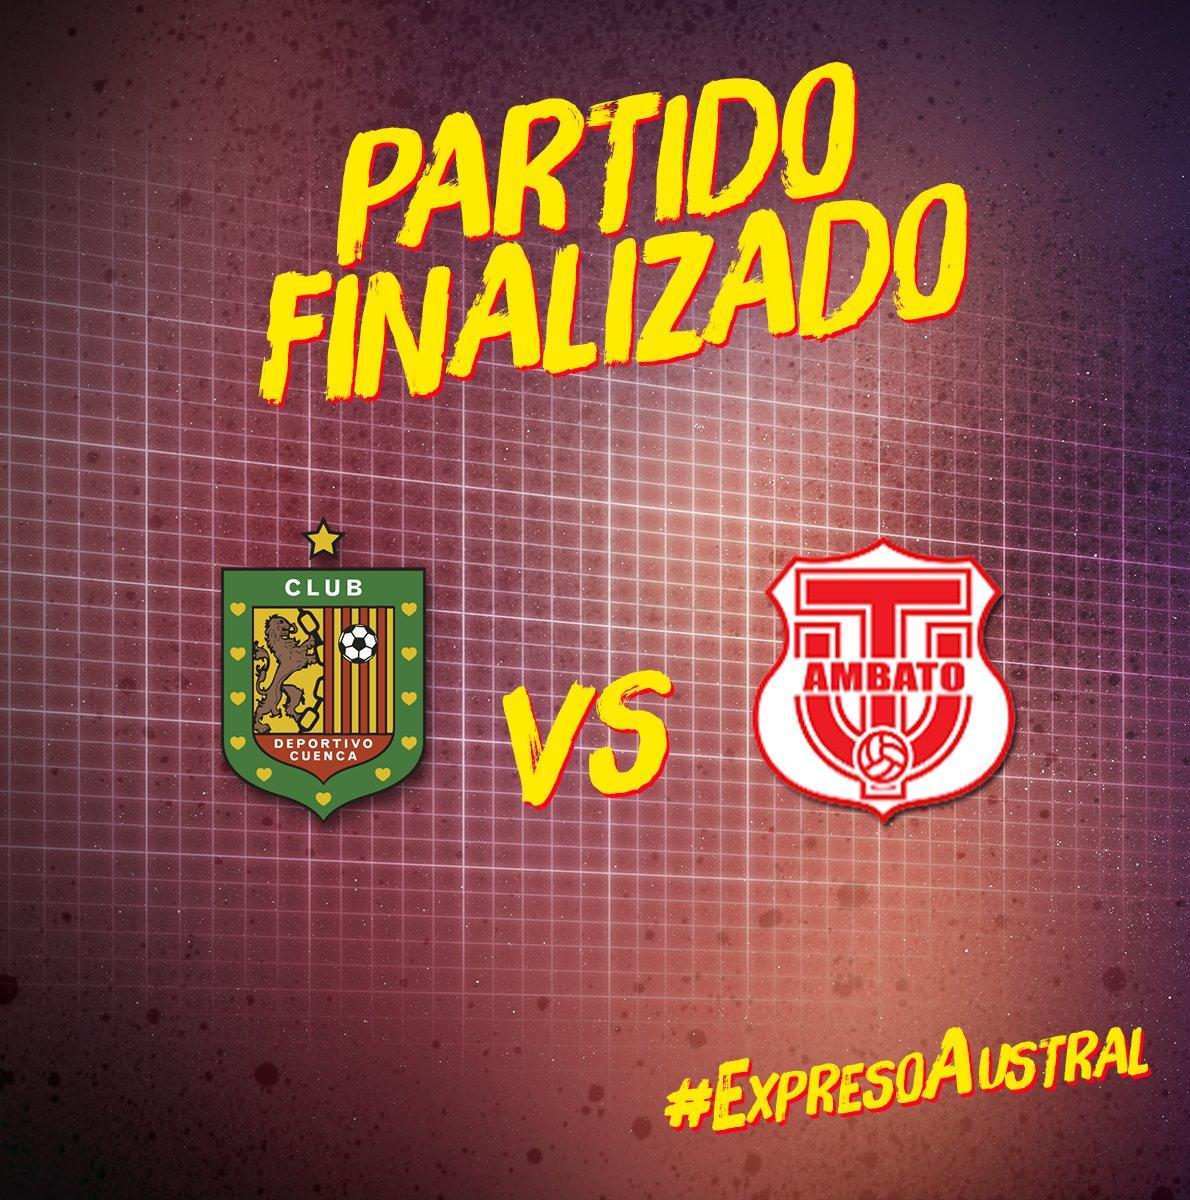 Se terminó el último partido de la #6taFecha de la #LigaProBancoPichincha #DCuenca 4 #TécnicoU 3 #VamosCuenca #ExpresoAustral